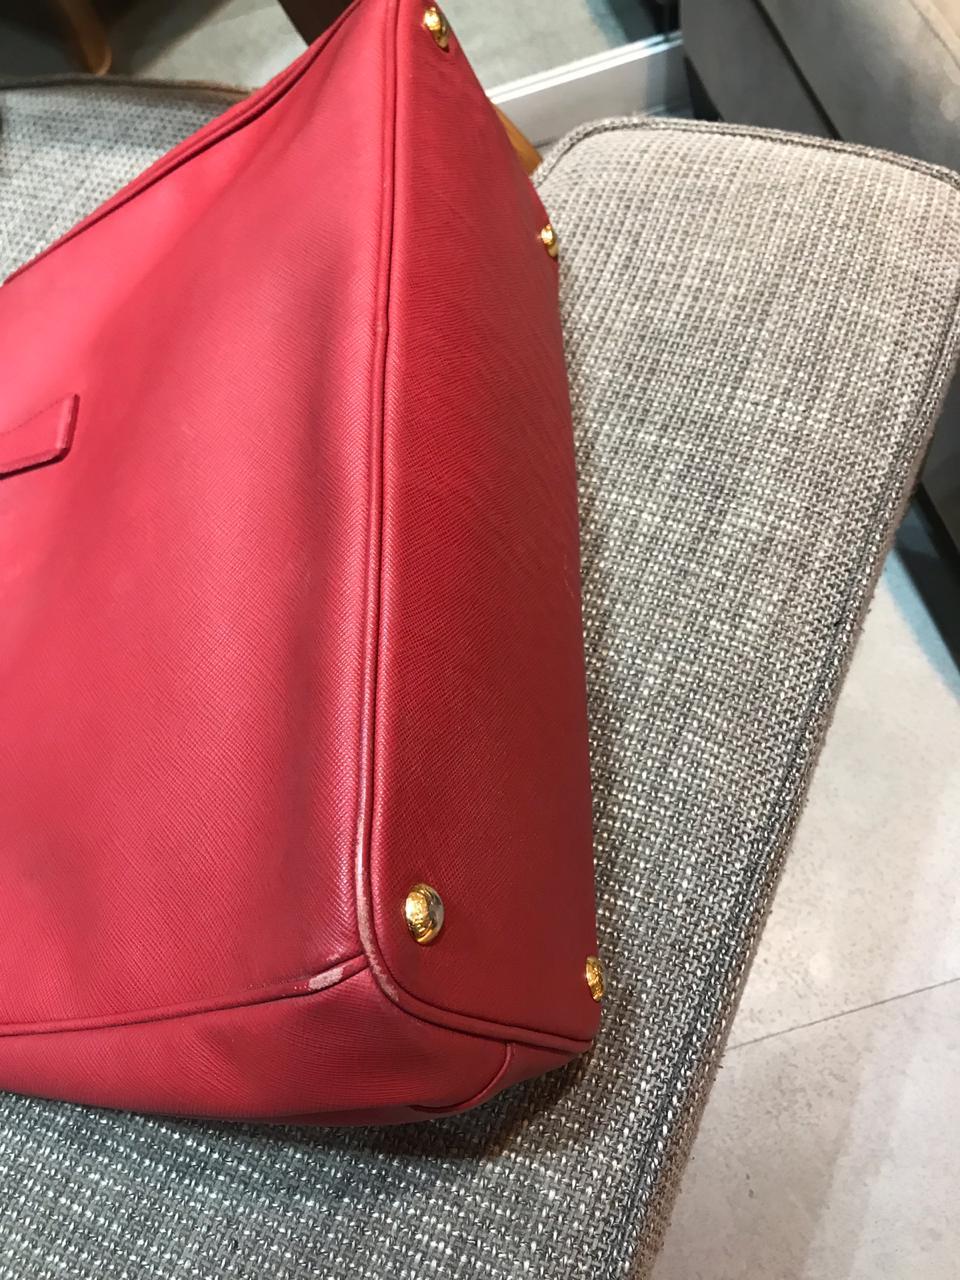 Bolsa Prada Saffiano Vermelha